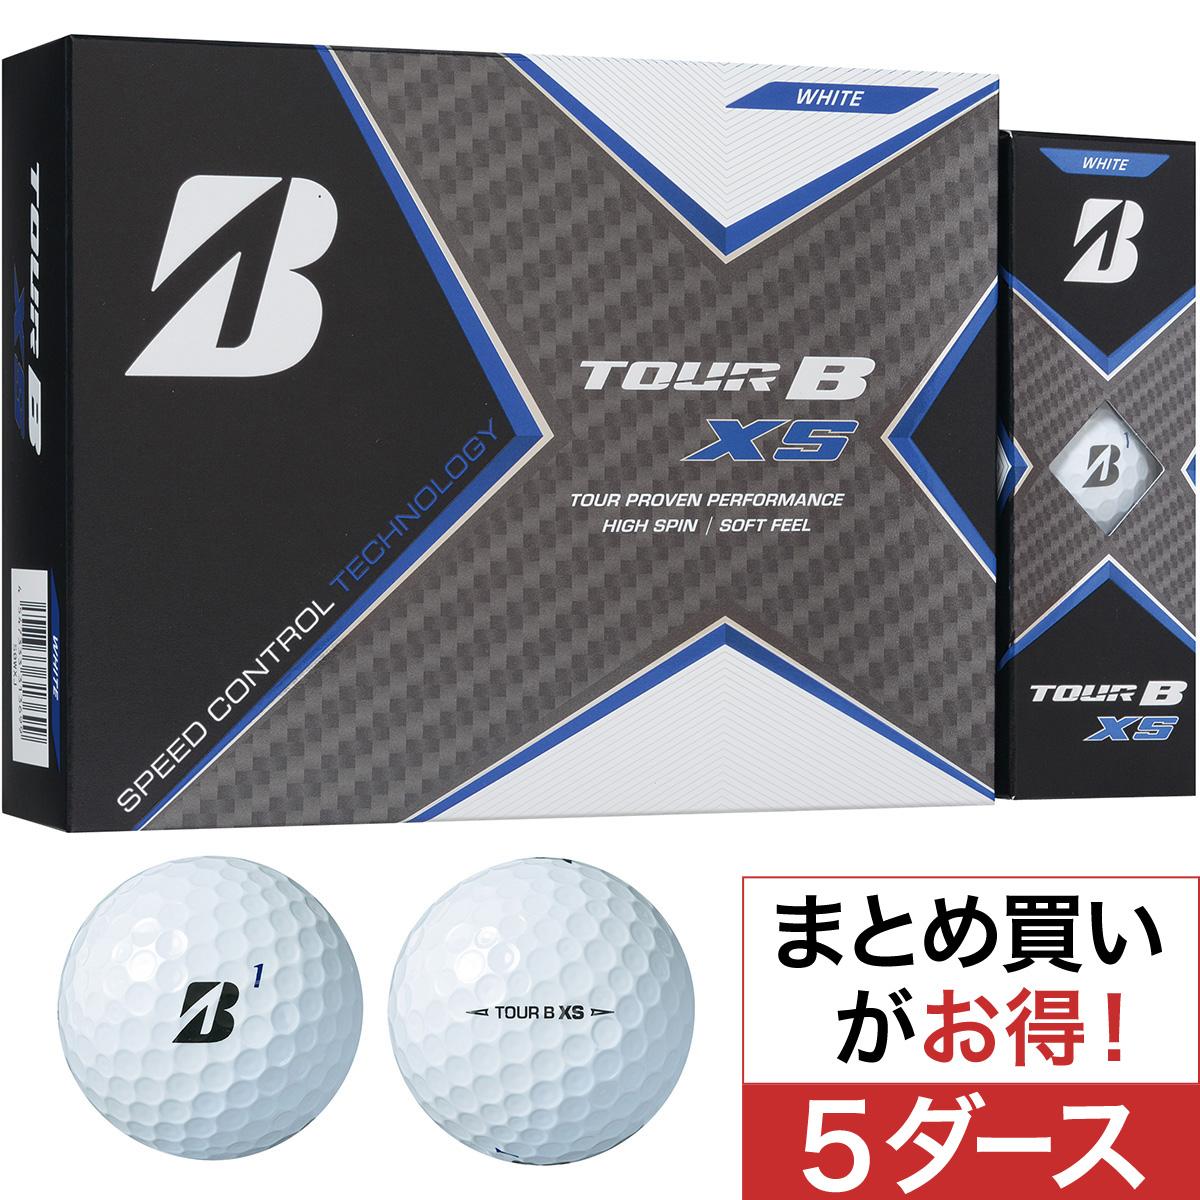 TOUR B XS ボール 5ダースセット【オンネームサービス有り】【2020年2月21日発売予定】